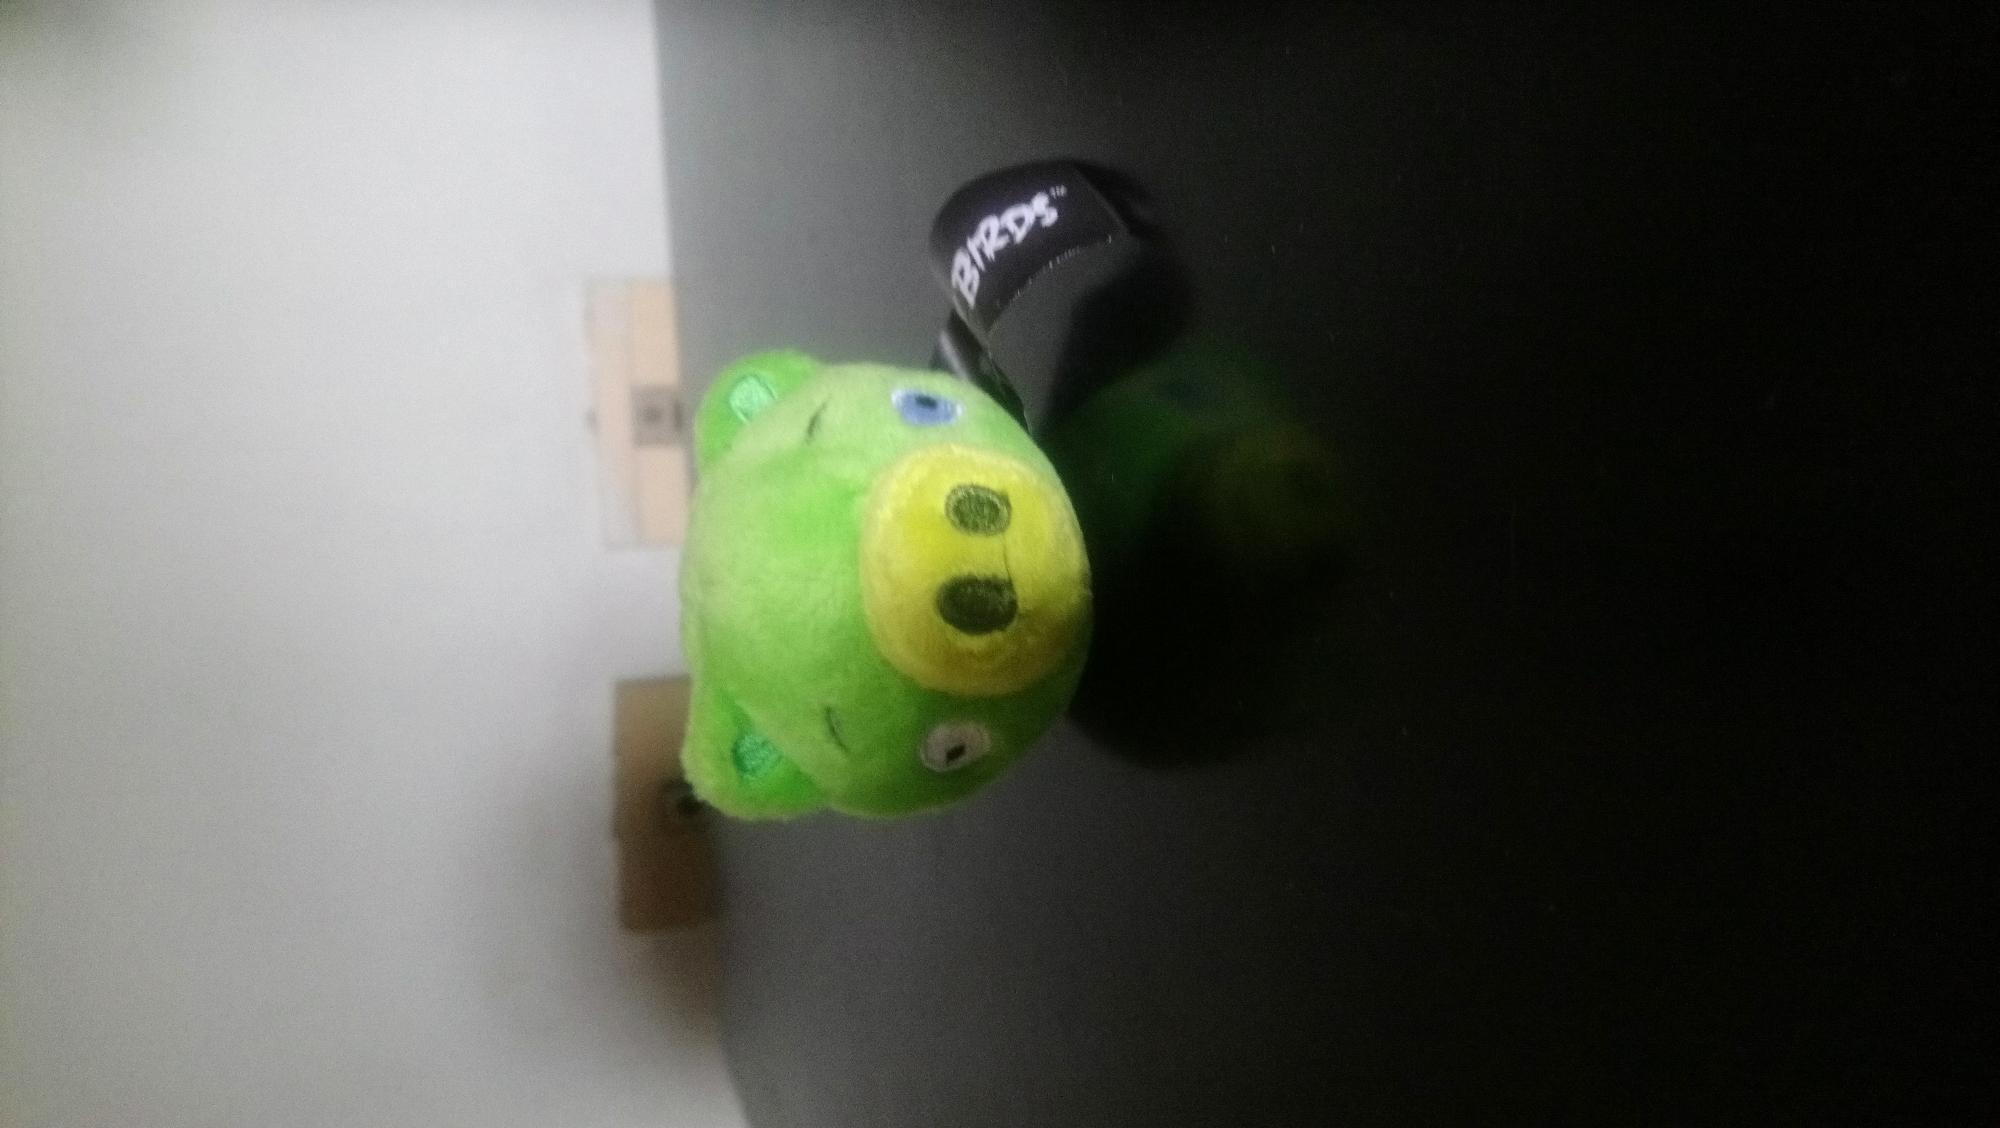 Miren a mi cerdito nuevo de Angry Birds